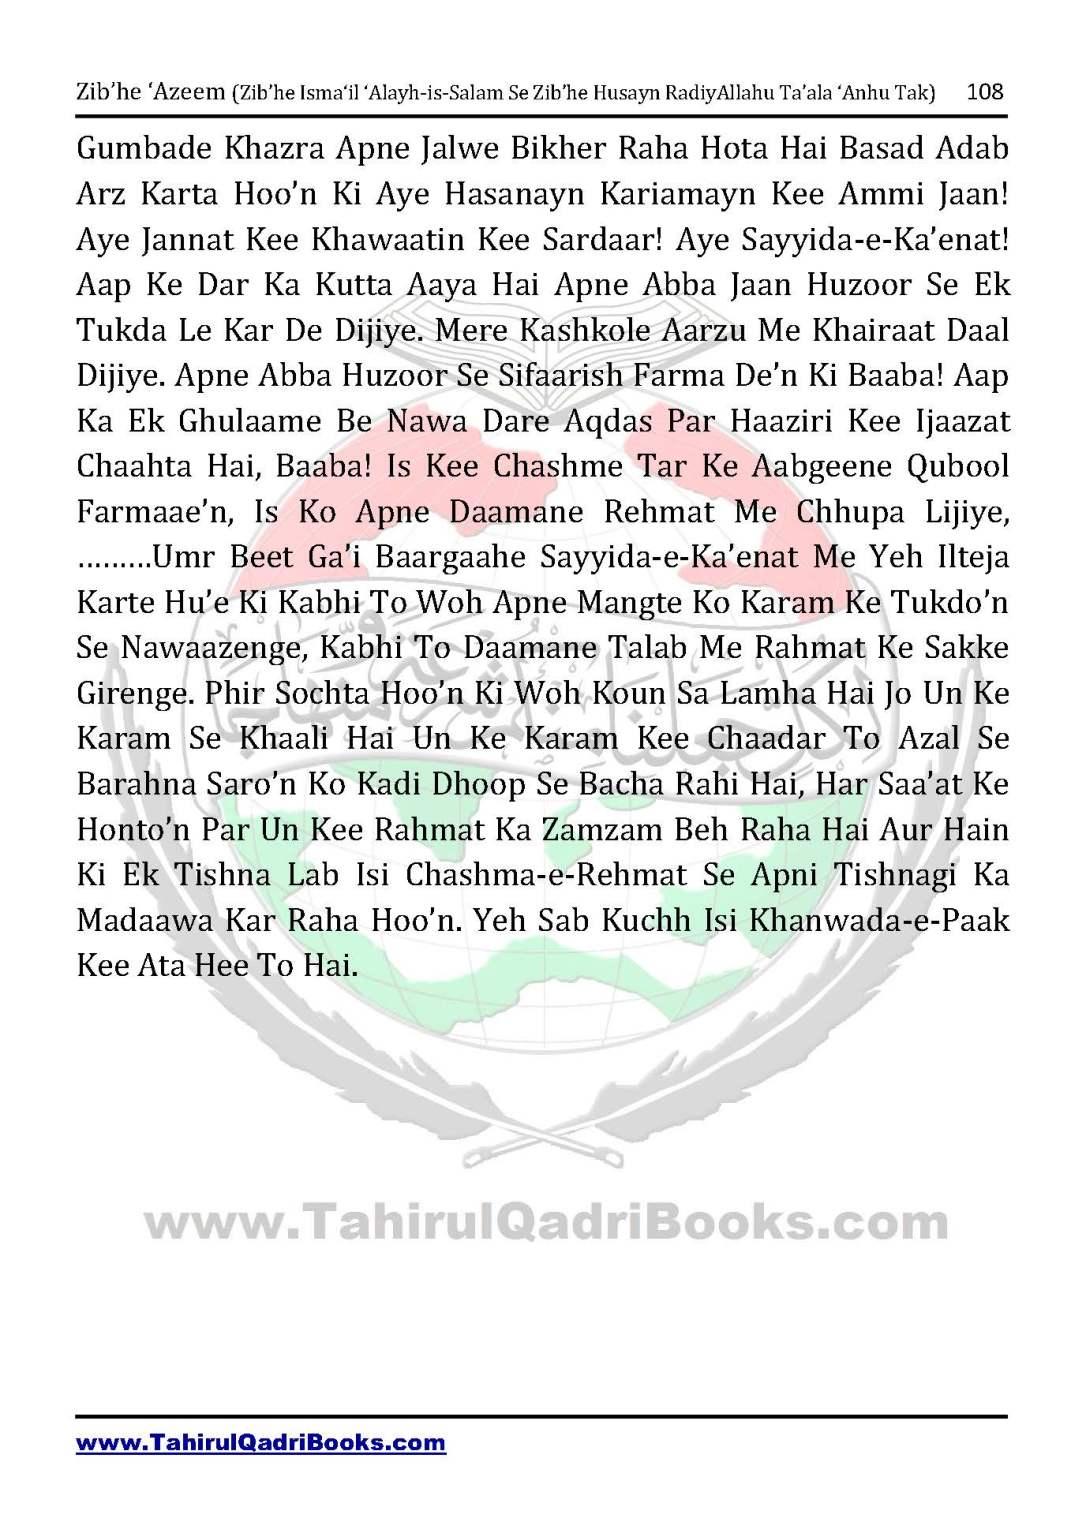 zib_he-e28098azeem-zib_he-ismacabbil-se-zib_he-husayn-tak-in-roman-urdu-unlocked_Page_108